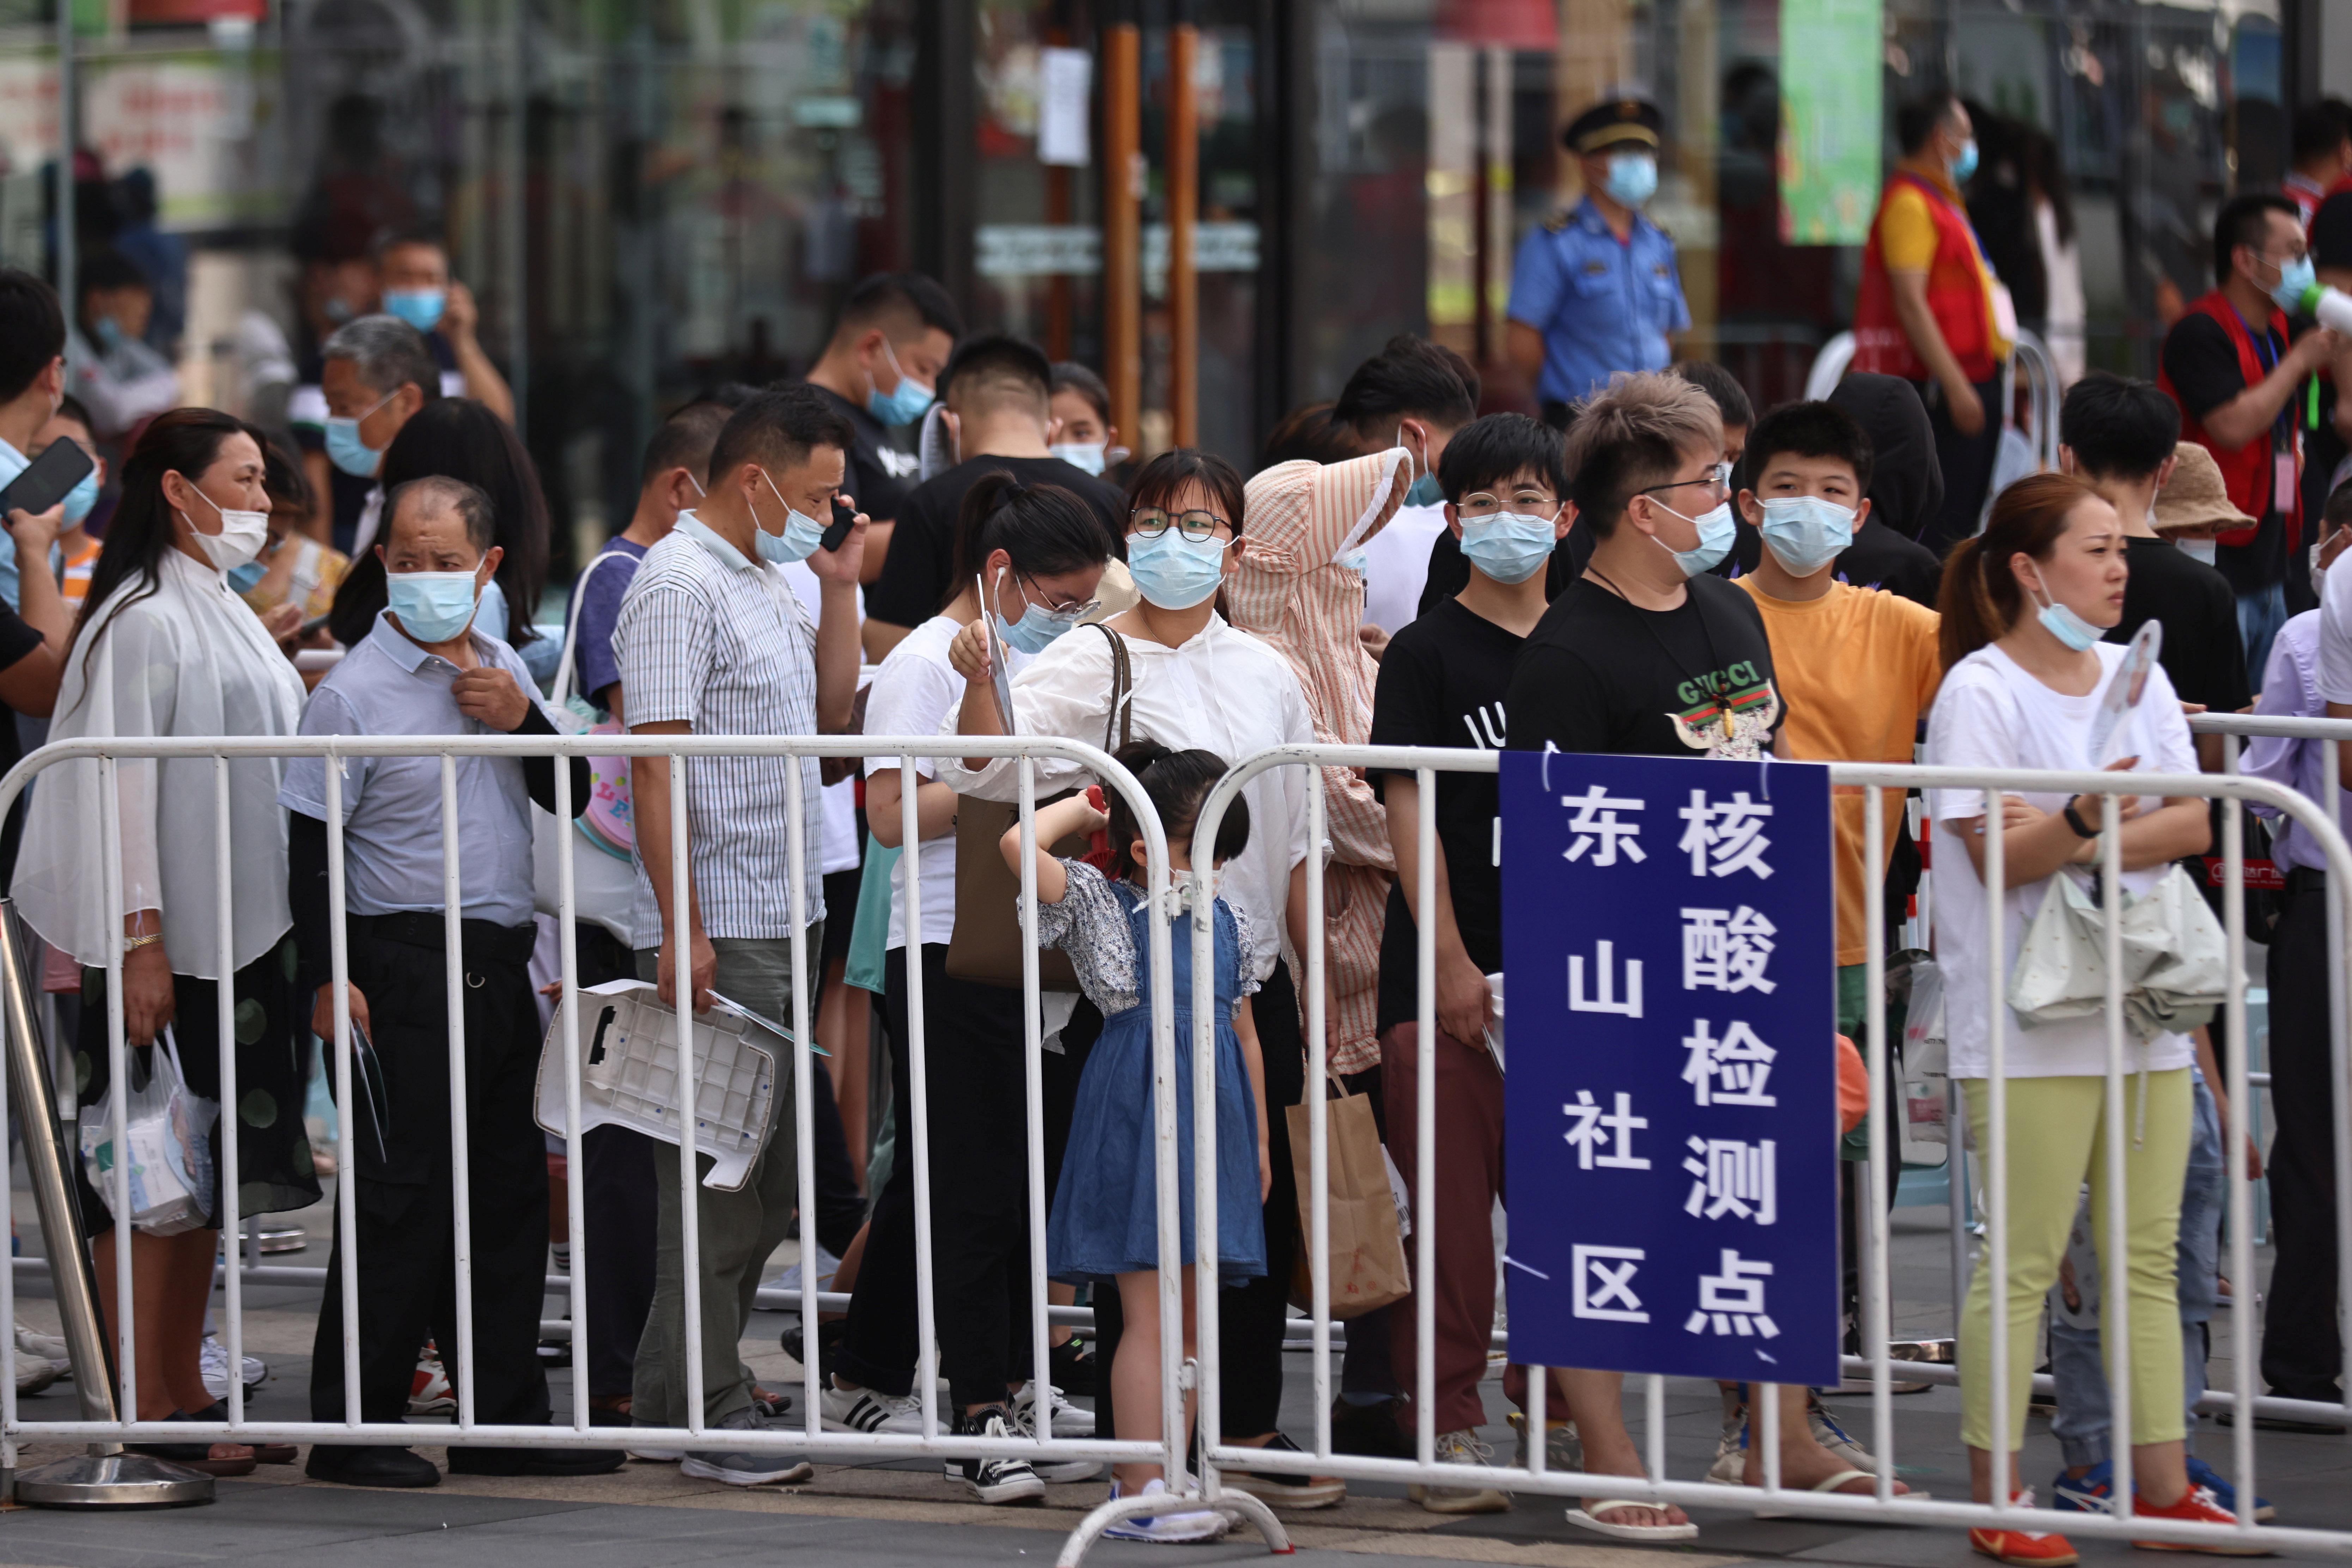 南京市出现新的冠状病毒病病例翌日后,全市进行大规模检测。图为人们在江宁区一家购物中心外的临时核酸检测点排队。-路透社-